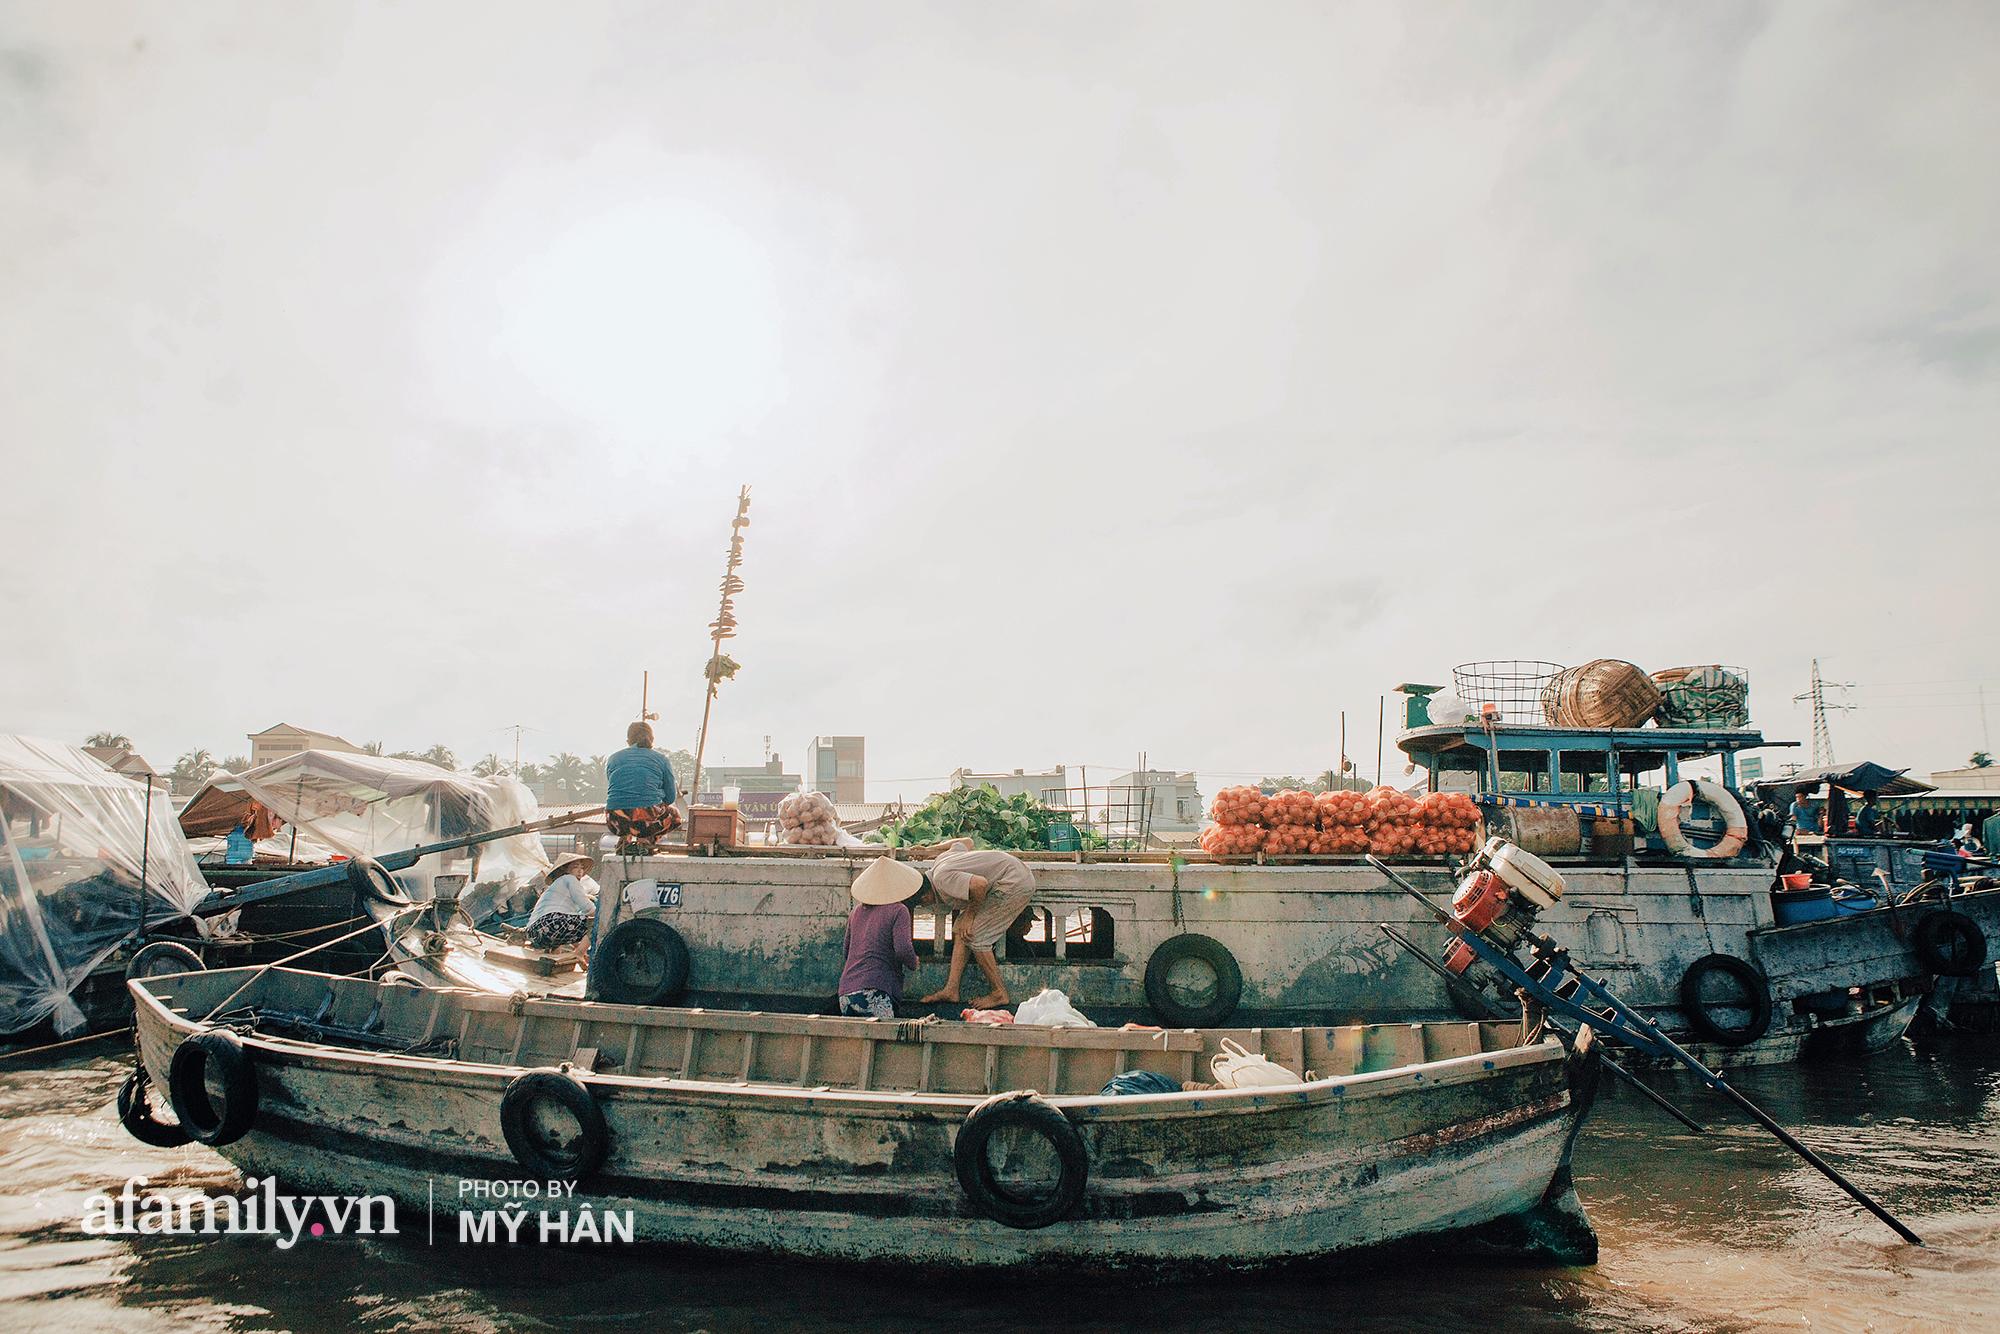 """""""Choáng"""" với bảng giá loạt món ăn tại một tỉnh ở miền Tây, nơi vừa được công bố là có mức sống thấp nhất Việt Nam! - Ảnh 1."""